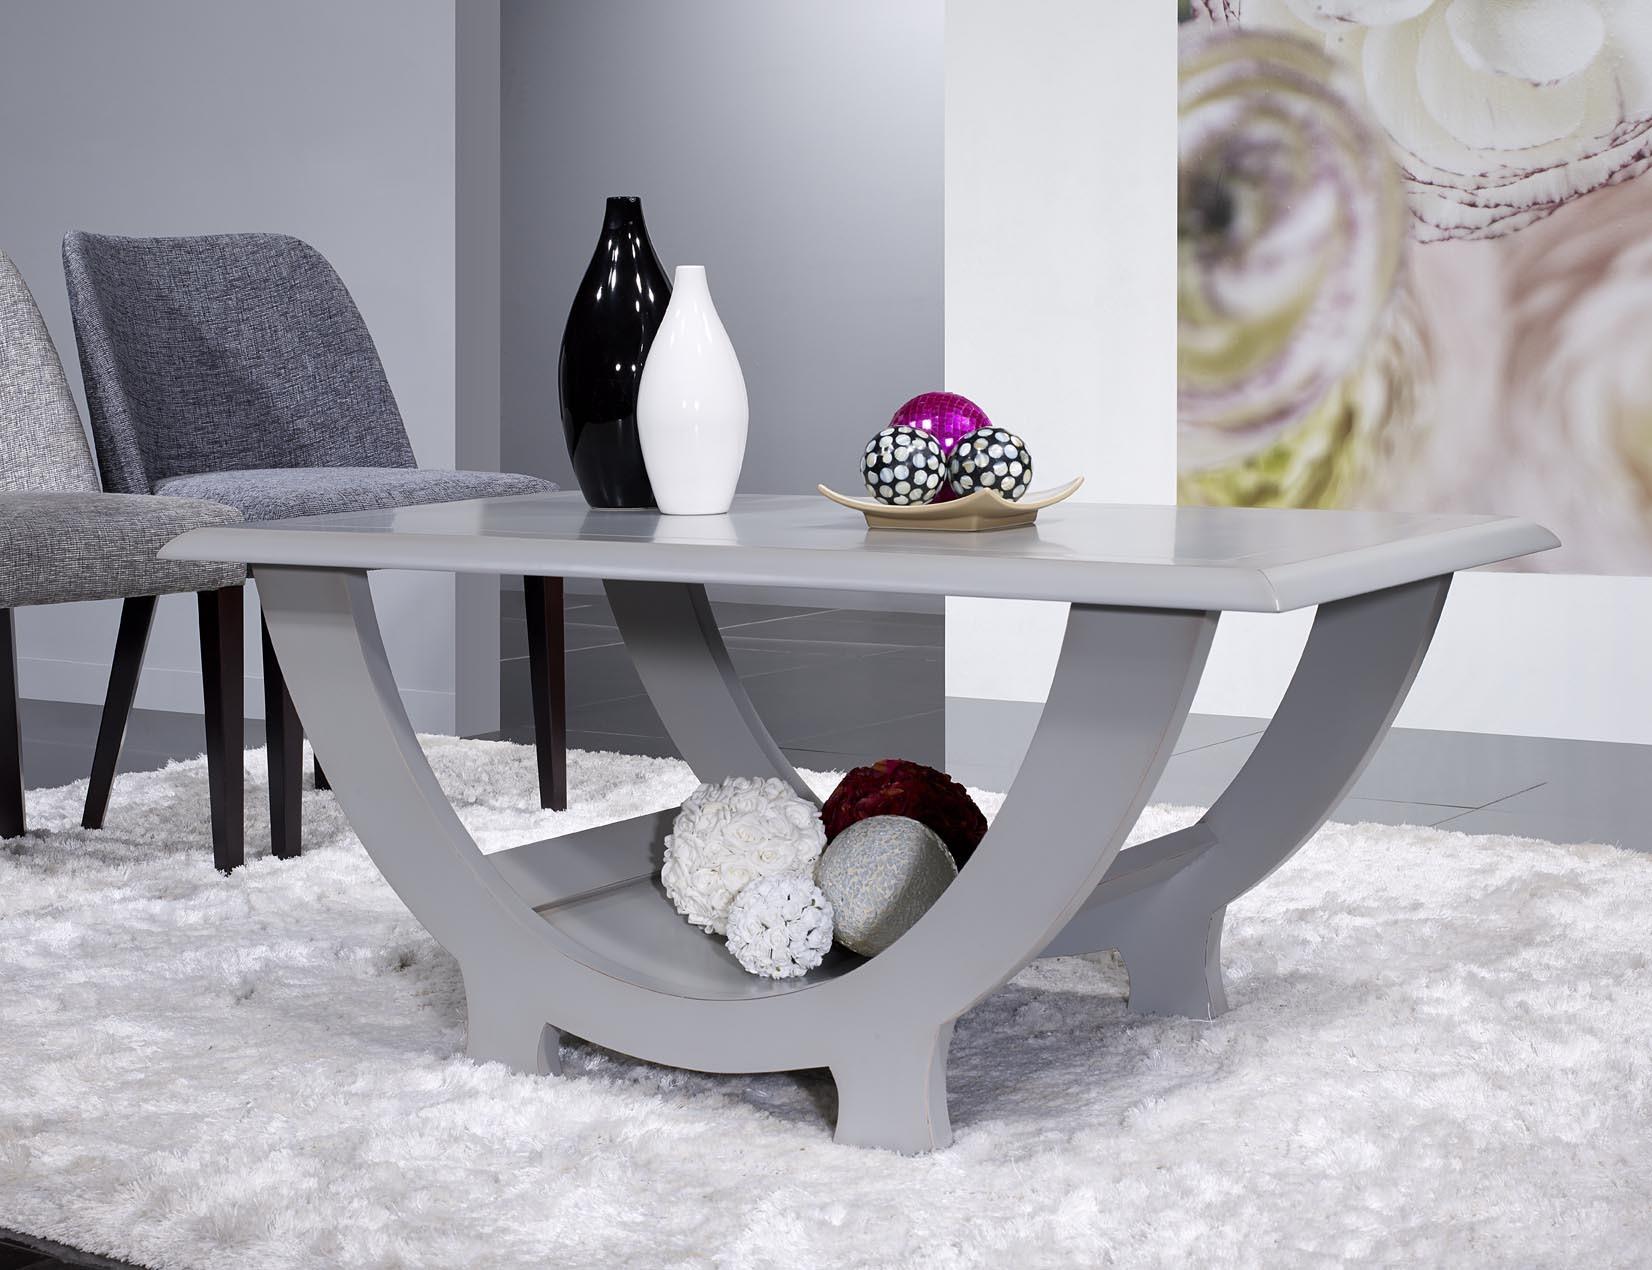 table basse l na en merisier massif finition gris patin. Black Bedroom Furniture Sets. Home Design Ideas